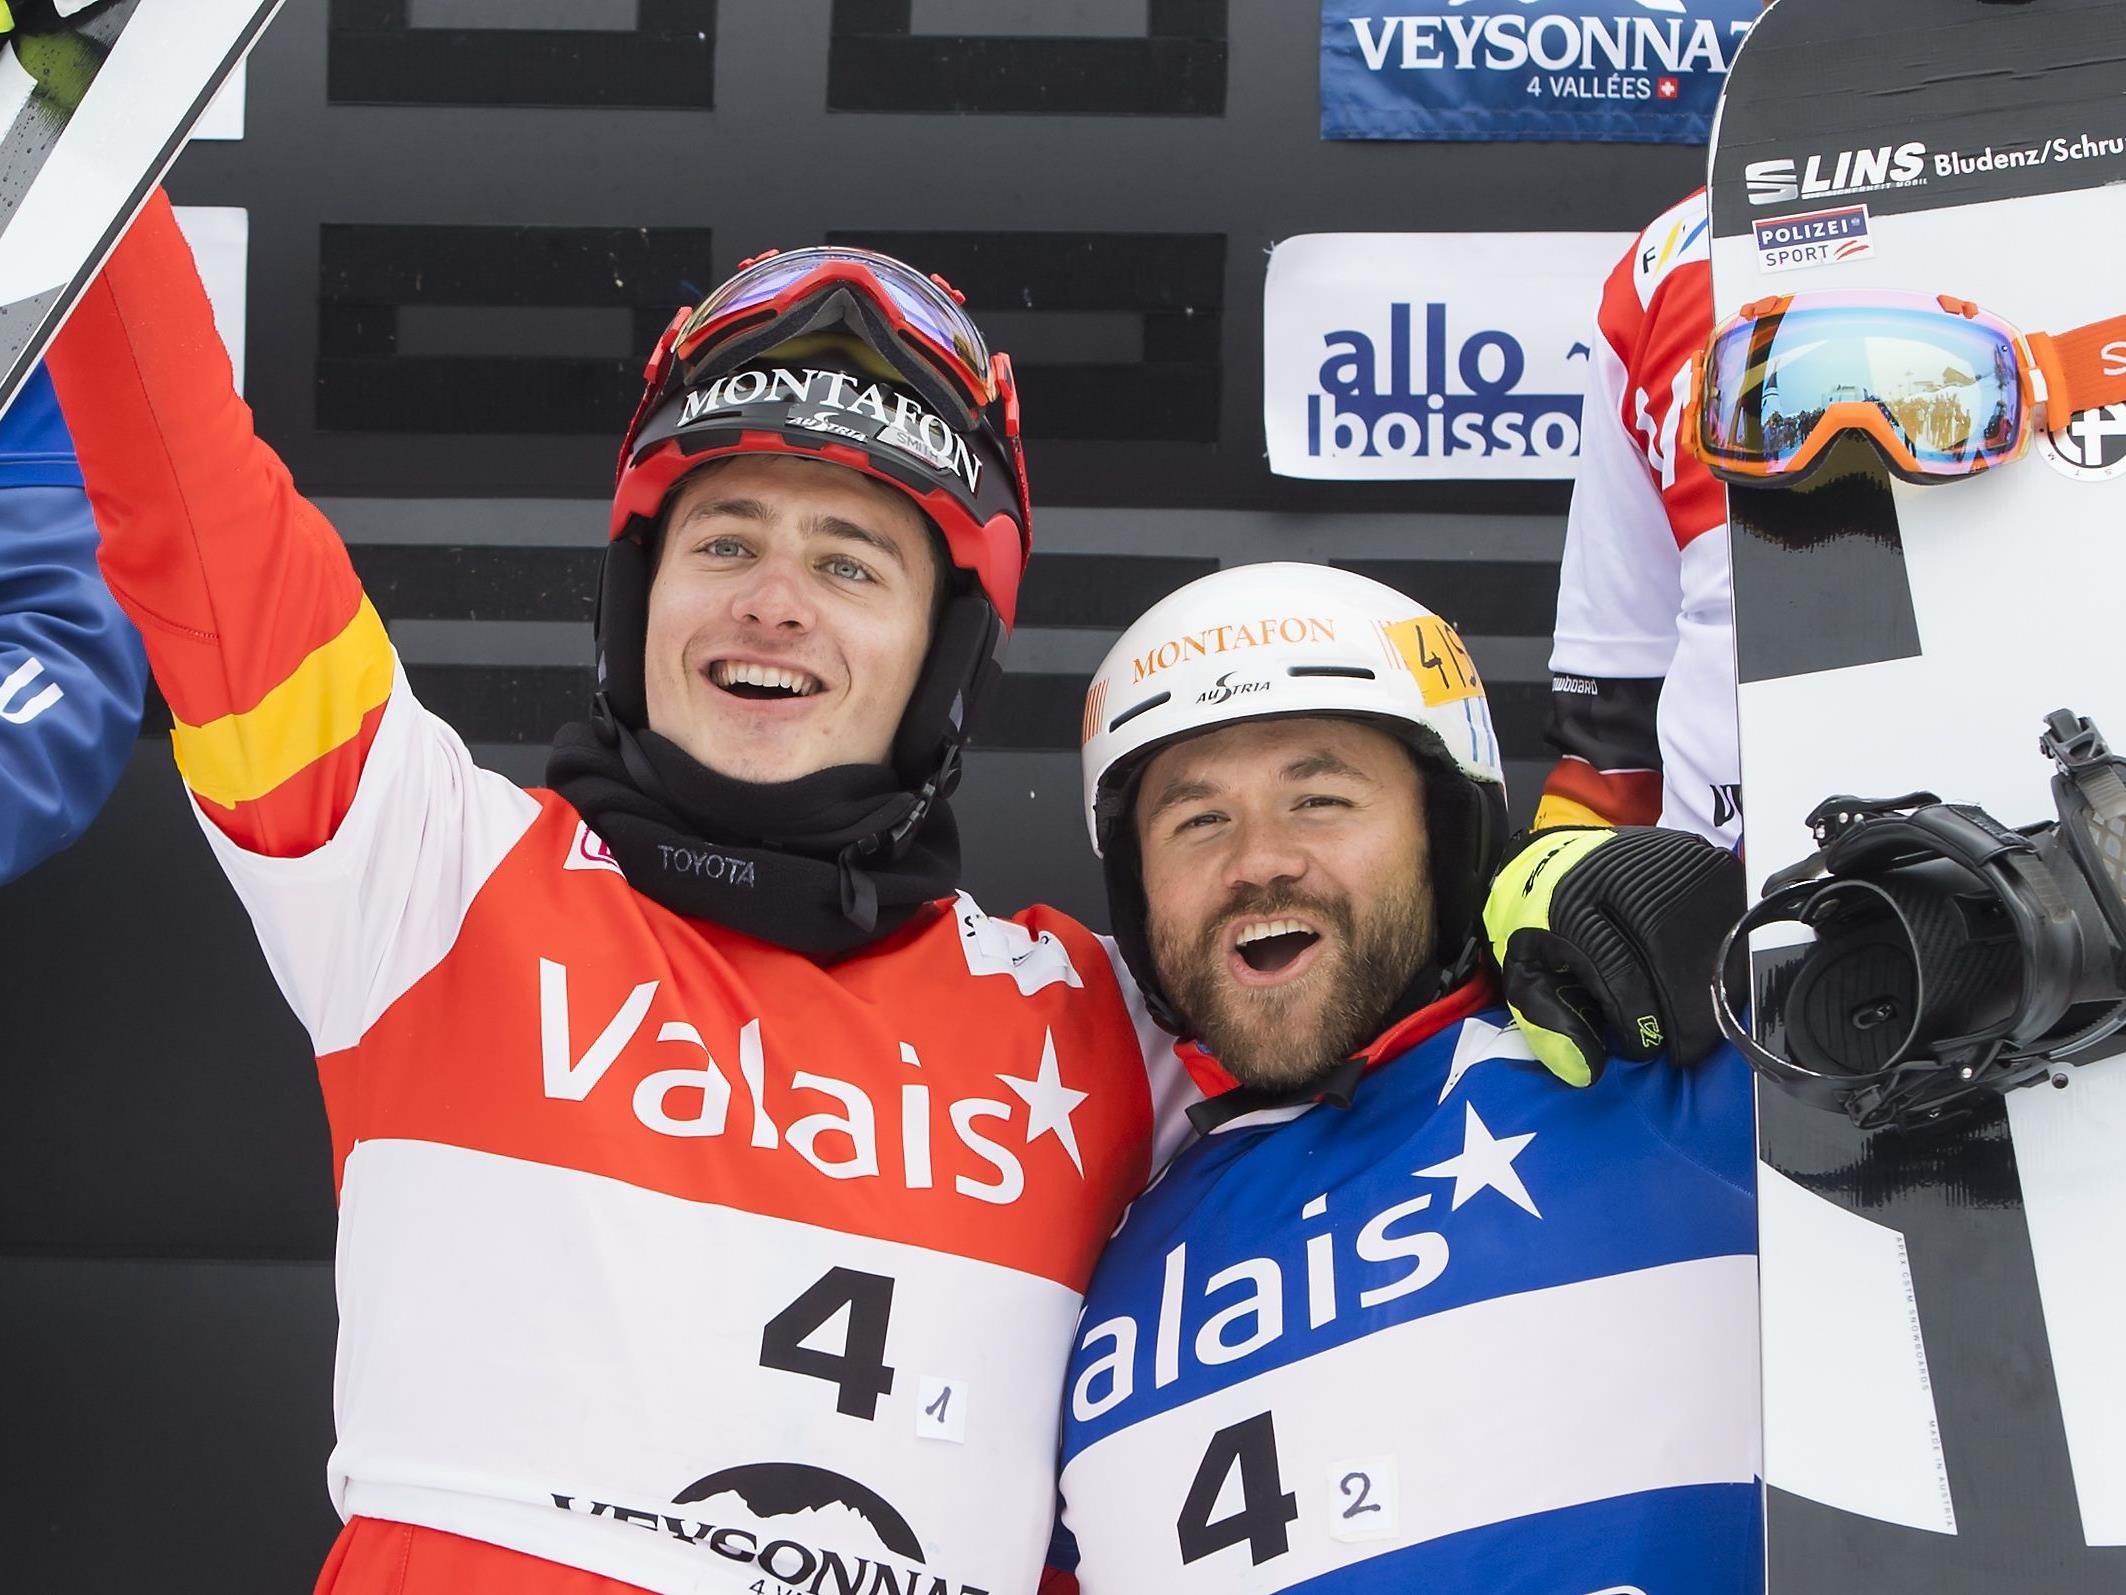 Die Vorarlberger Alessandro Hämmerle und Markus Schairer konnten den Teambewerb für sich entscheiden.